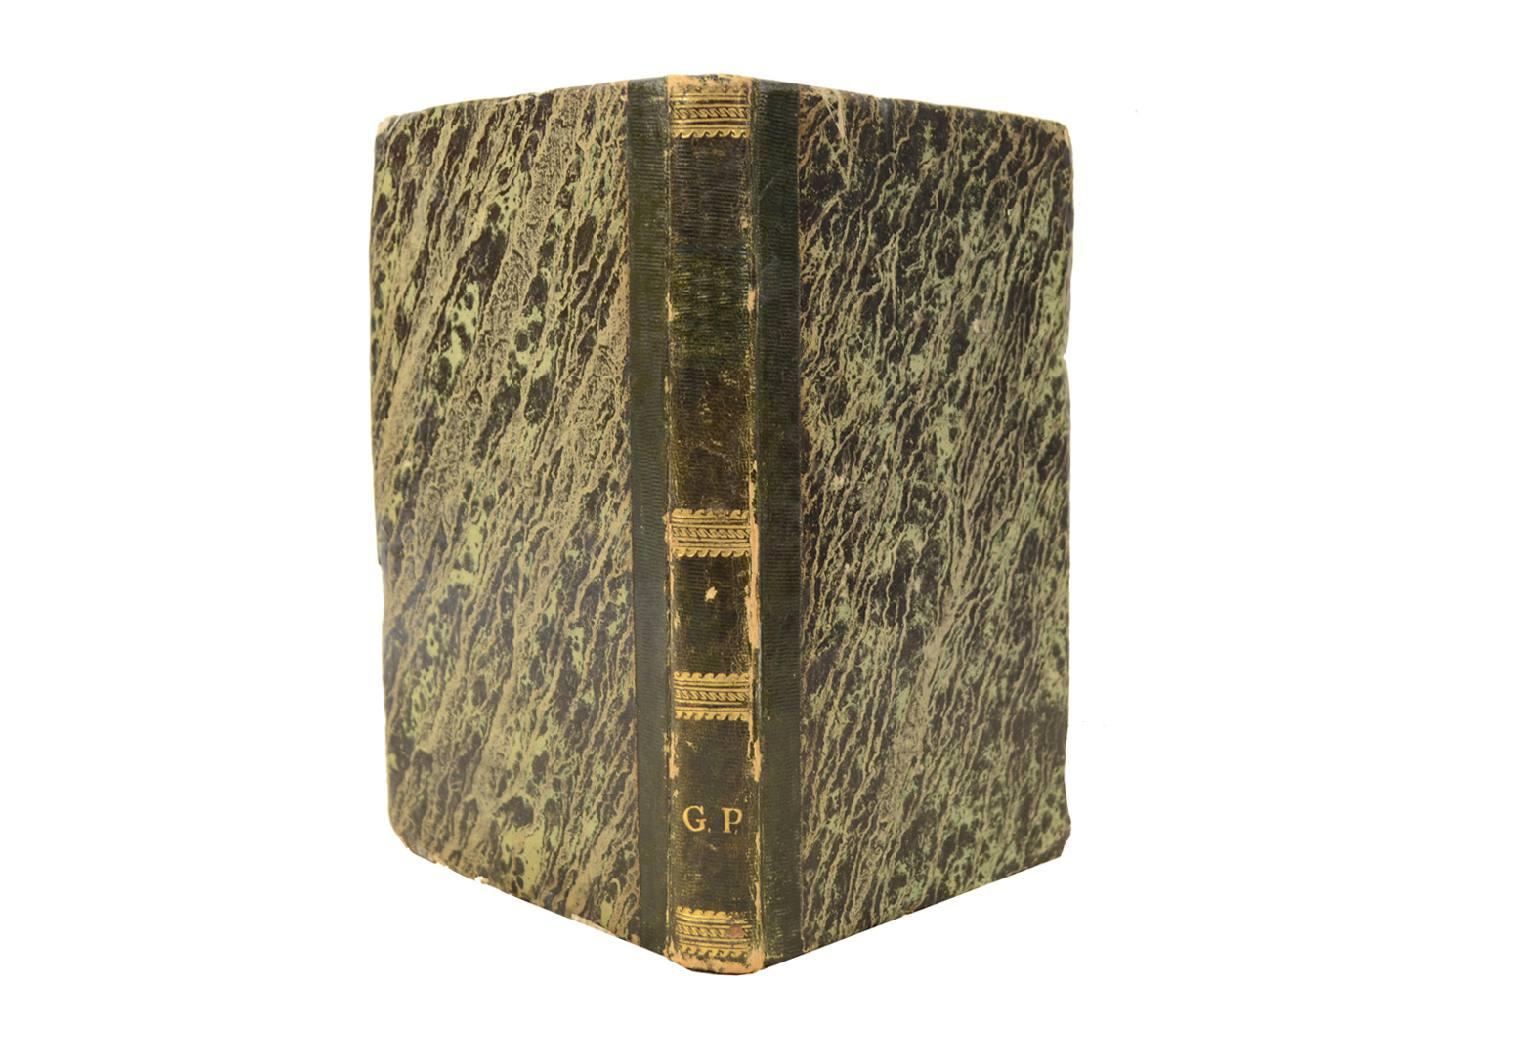 Strumenti astronomici antichi/2487-Libro di M De Rossel